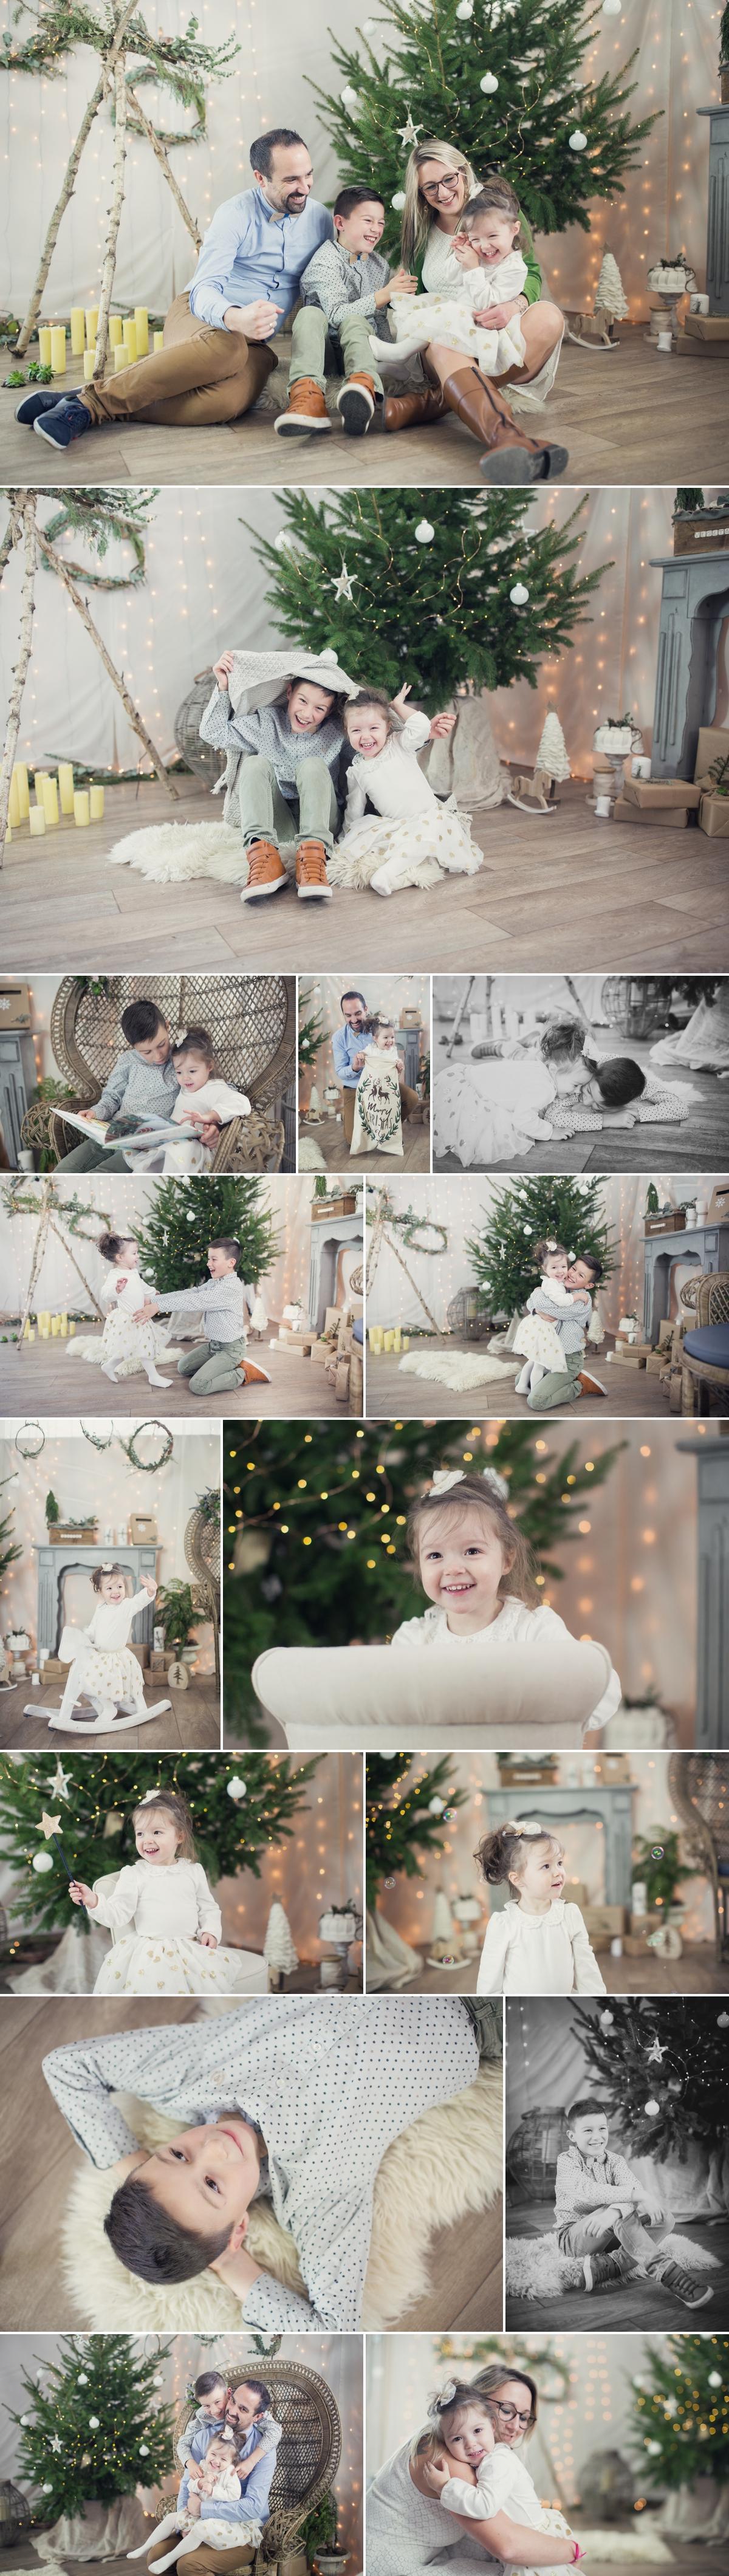 séance famille à Noël